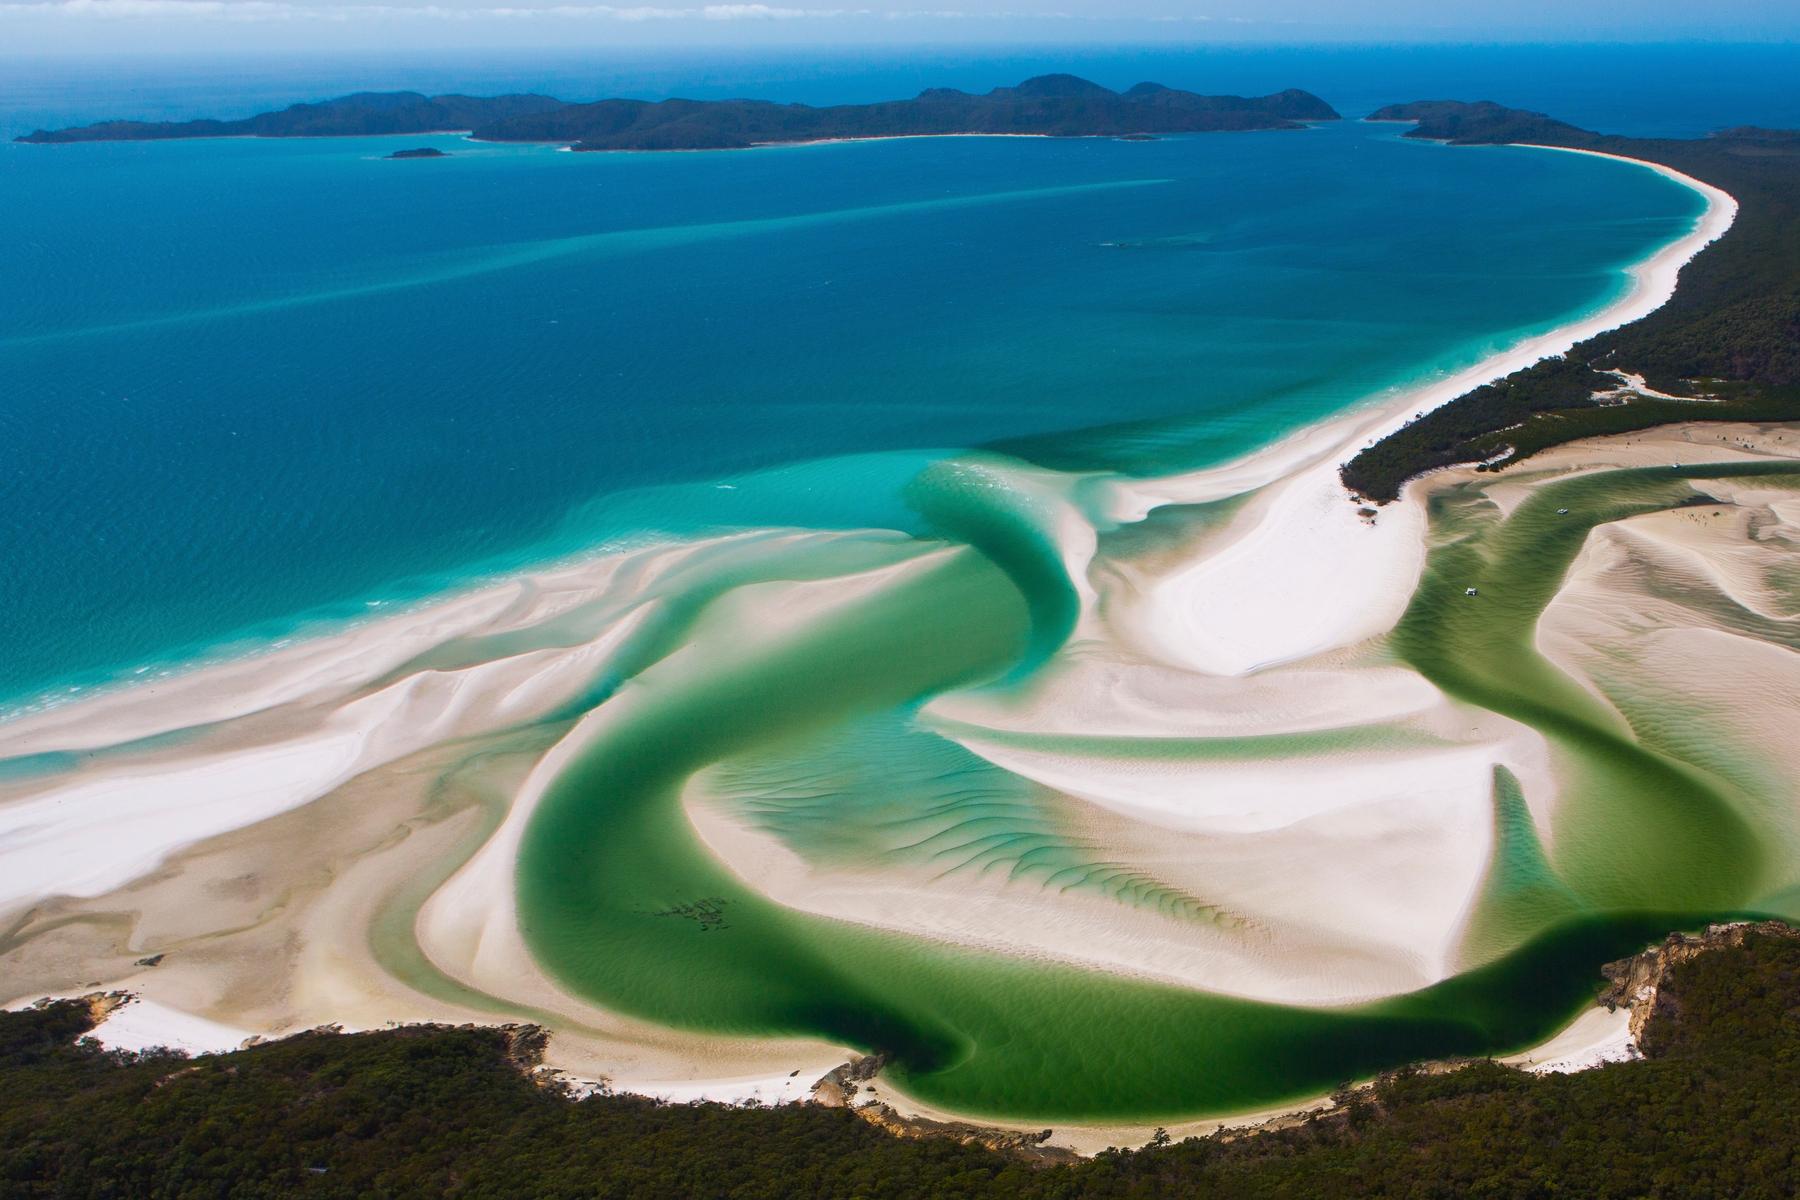 Самые впечатляющие пляжи планеты: Уайтхэвен-Бич, остров Уитсанди, Австралия